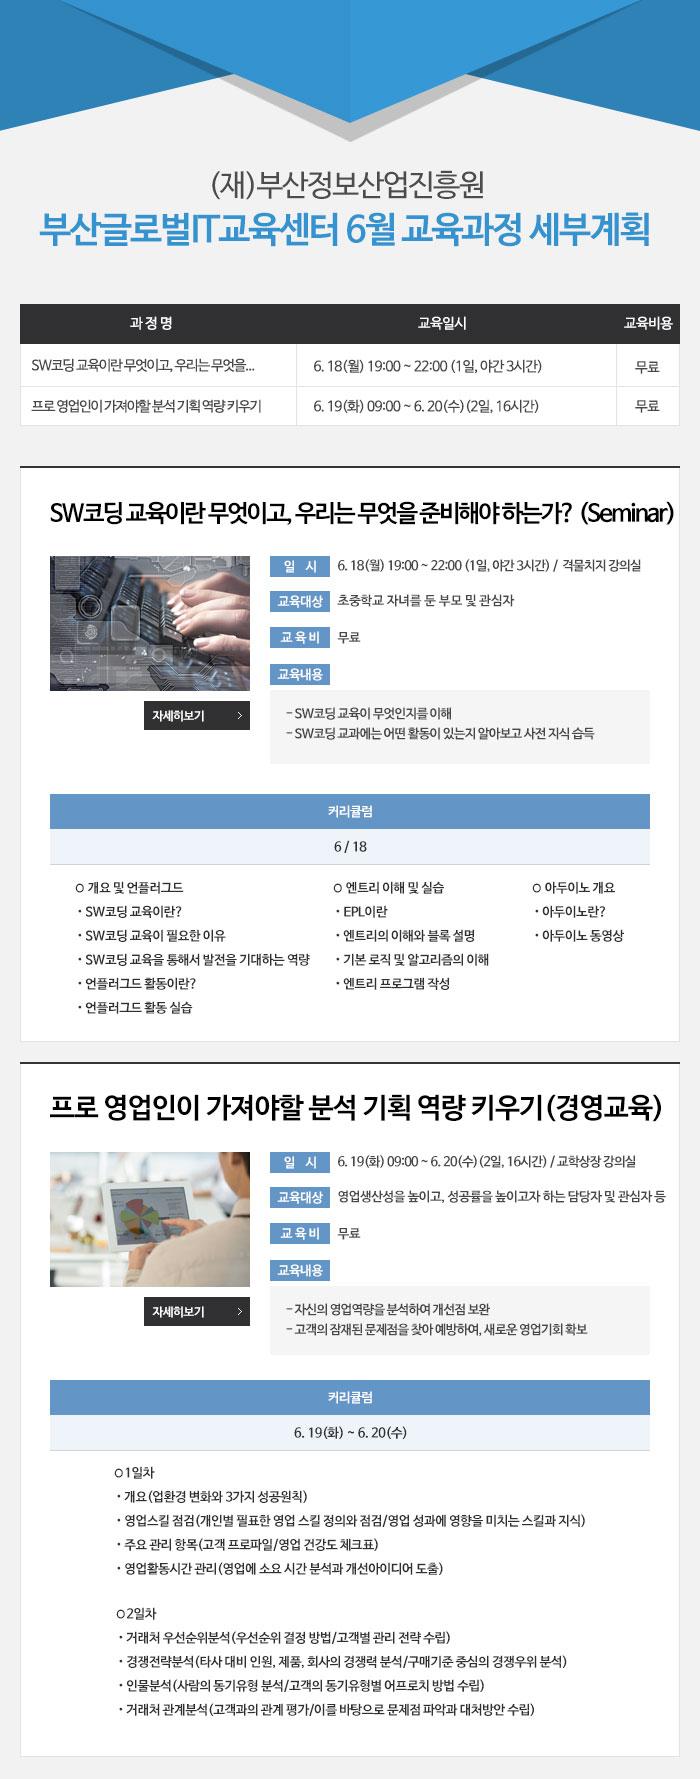 부산글로벌IT교육센터 - 2018년 6월 교육과정 안내